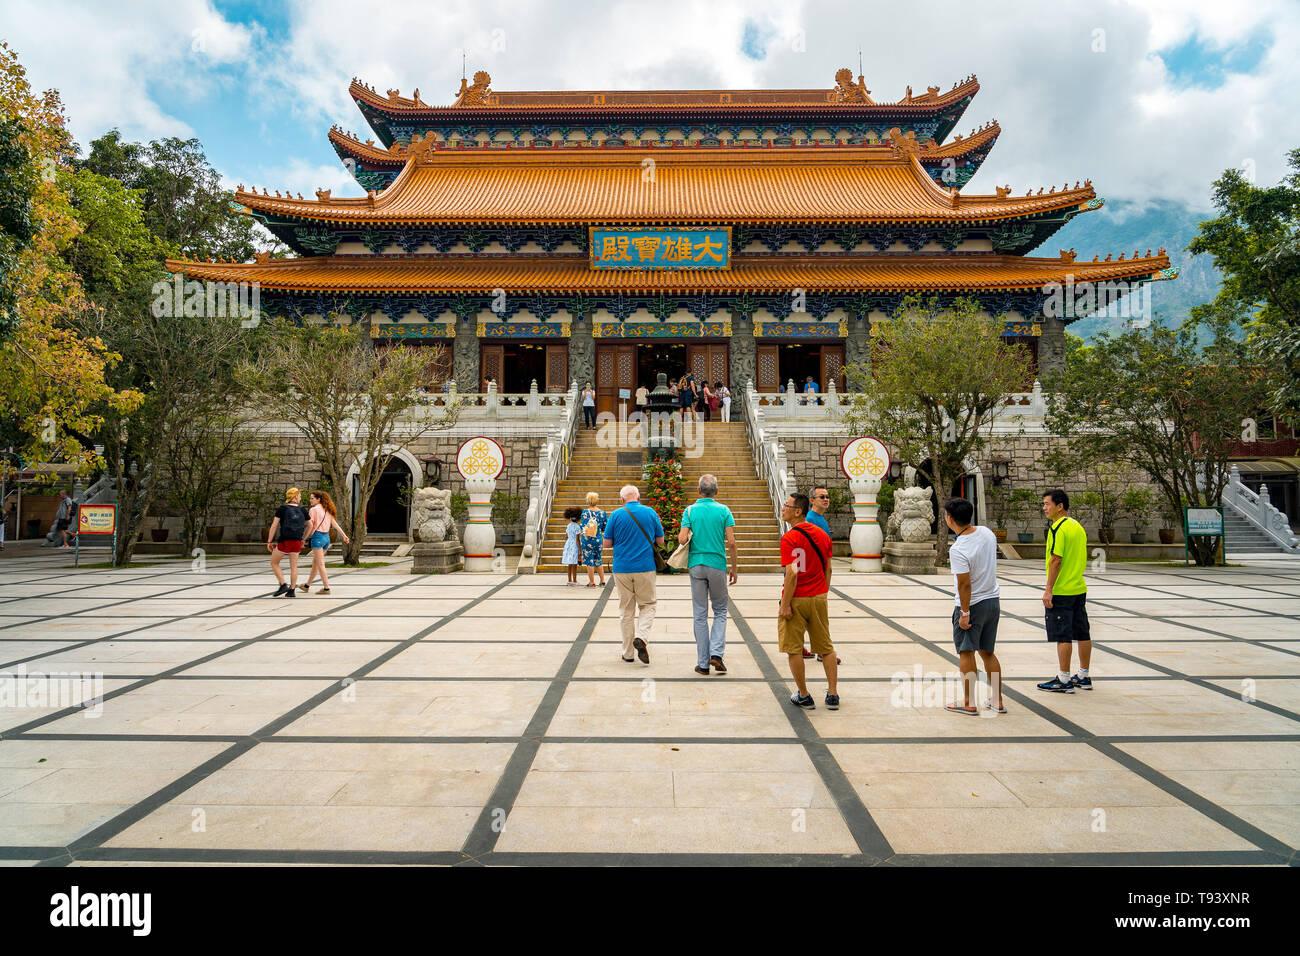 Hong Kong, China - Po Lin Monastery - Stock Image